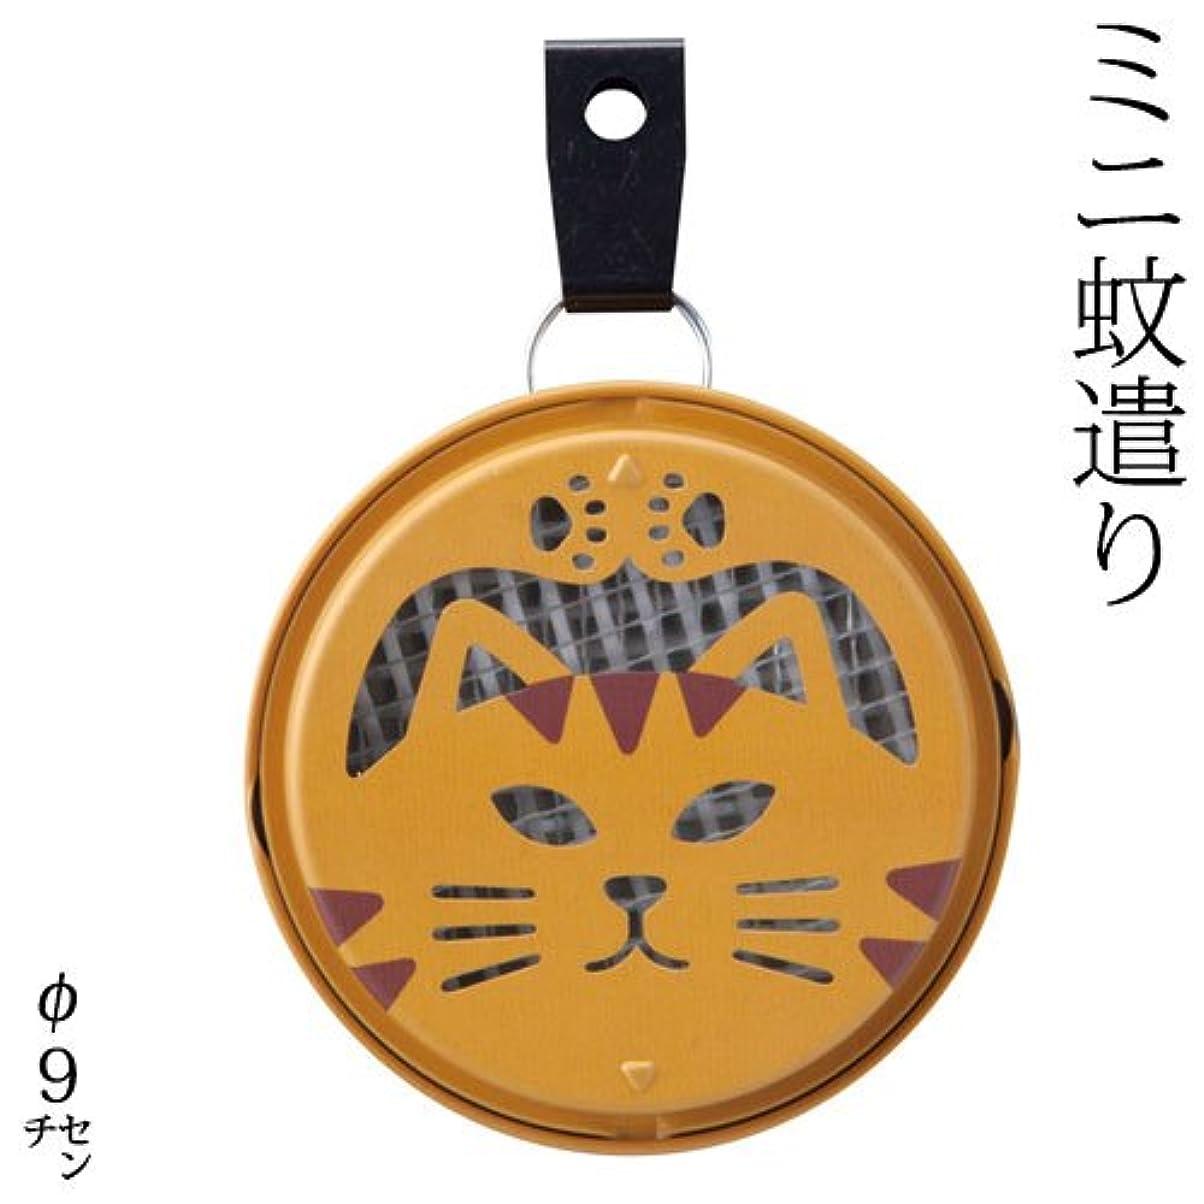 教育観点曖昧なDECOLEポータブルミニ蚊遣りトラ猫 (SK-87513)吊り下げ?床置き対応Portable mini Kayari